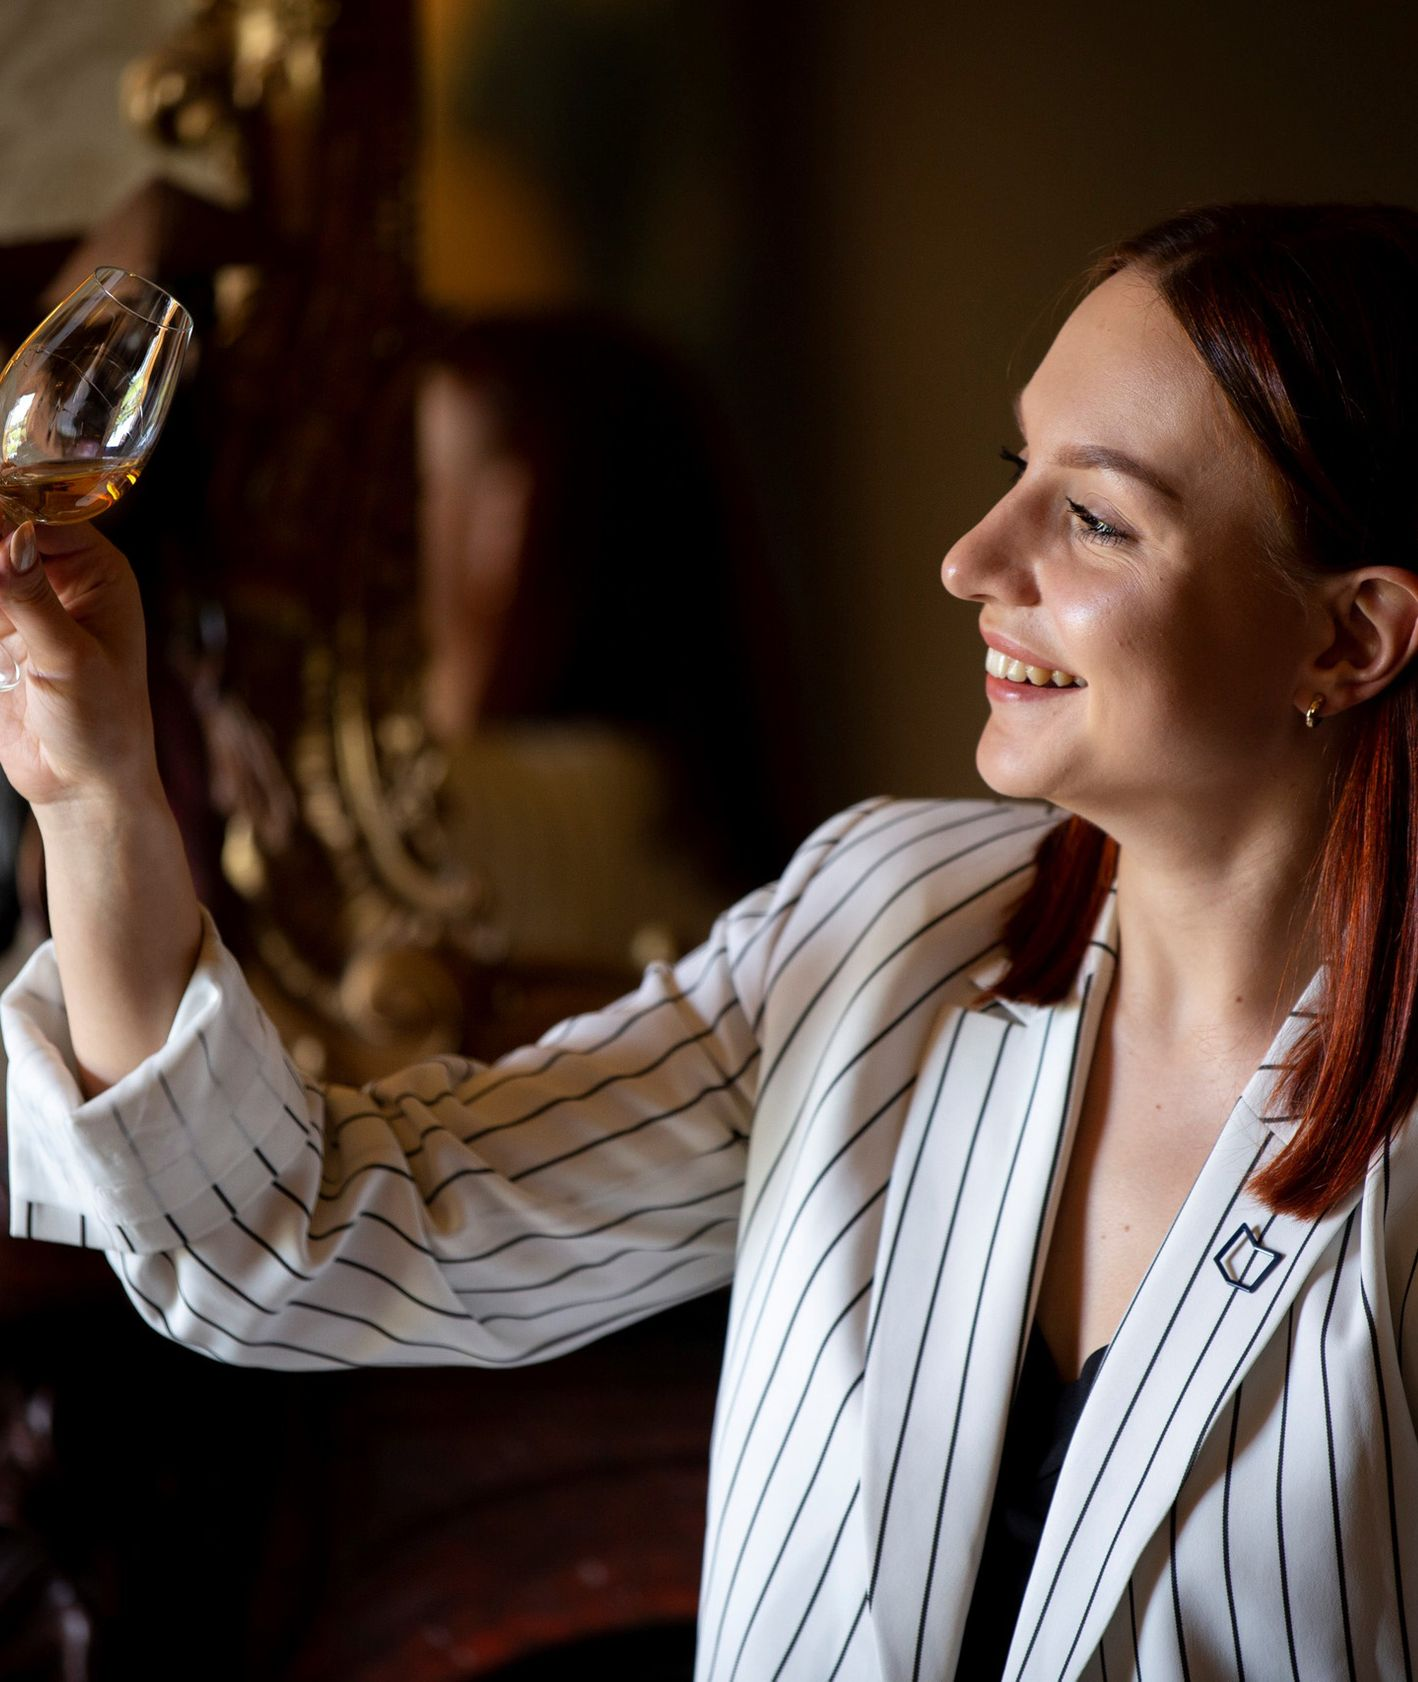 Kobieta z kieliszkiem whisky (fot. materiały prasowe)